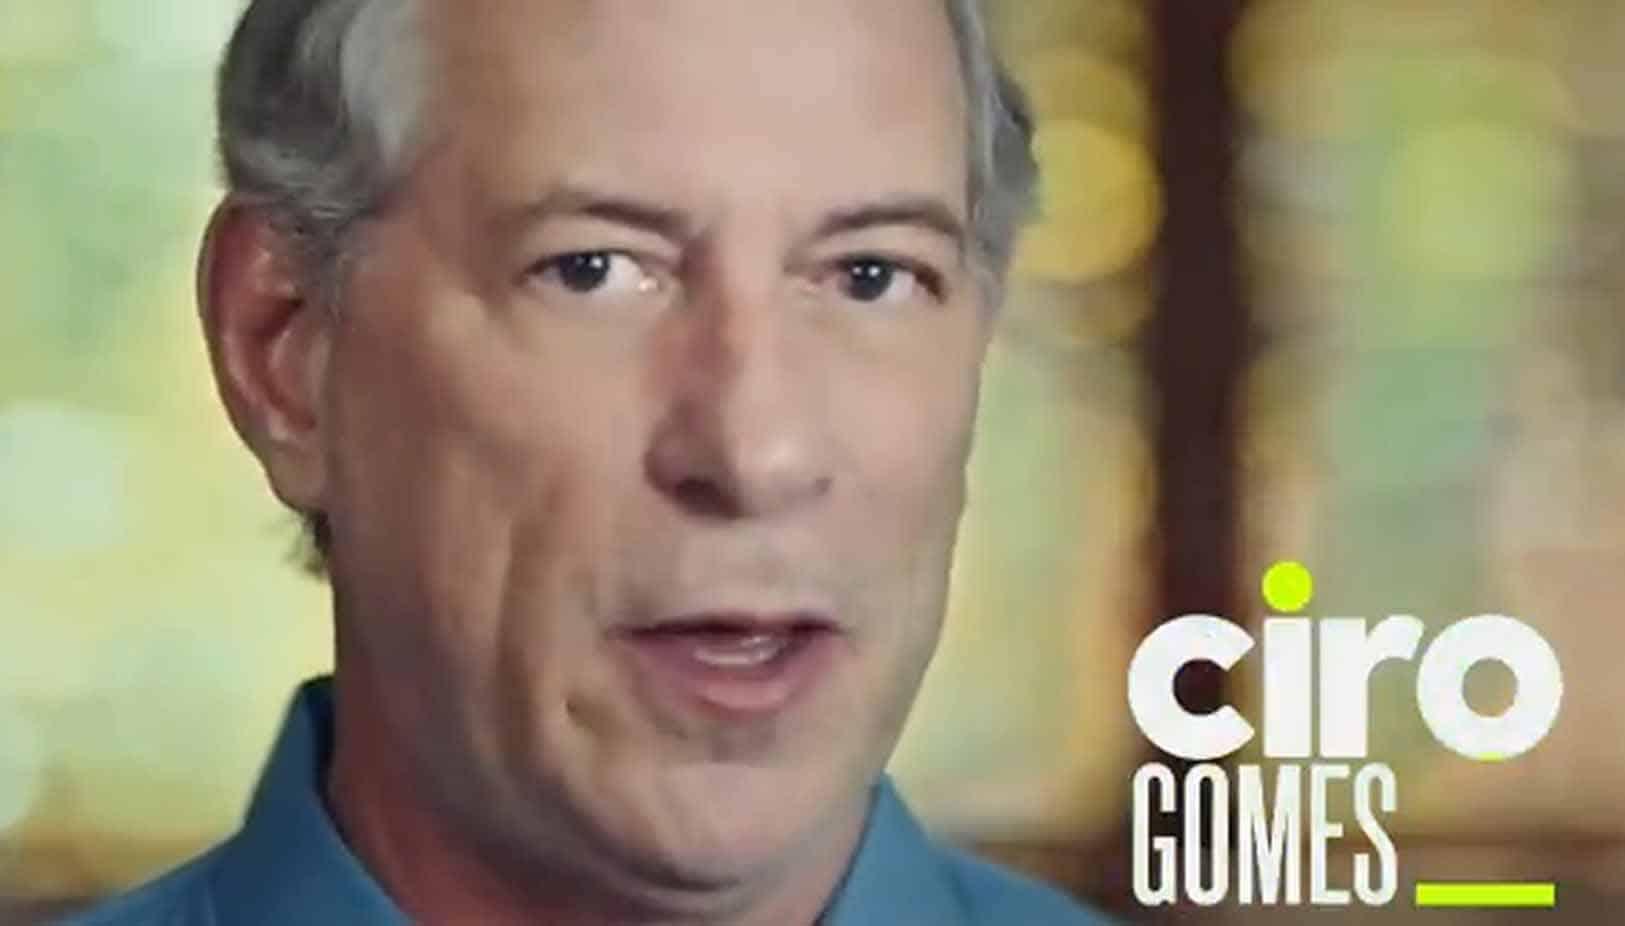 """Ciro Gomes sobre ser """"destemperado"""": """"Não podem me chamar de corrupto"""""""